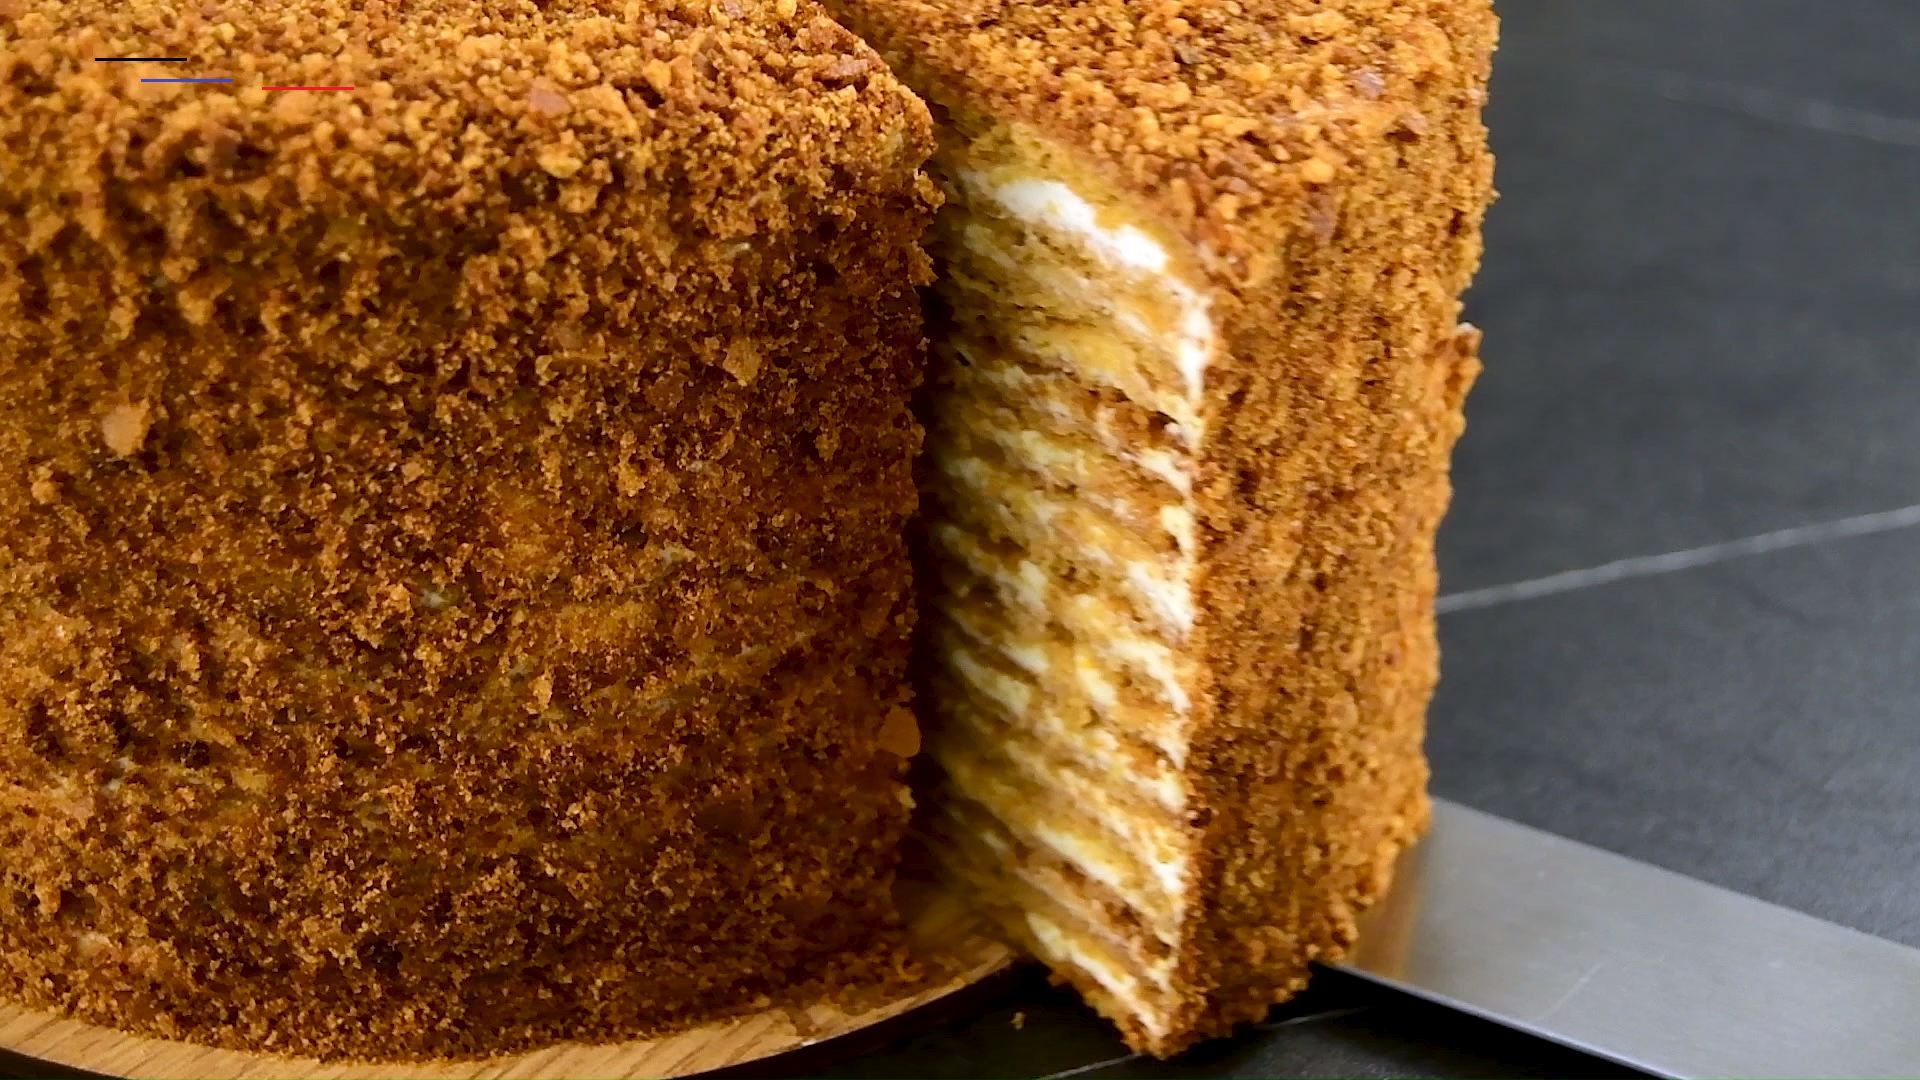 Best Medovik Recipe Russian Honey Cake How To Make Honeycake Medovik Is A Classic Russian Honey Cake Mad Russischer Honigkuchen Honigkuchen Susse Kuchen